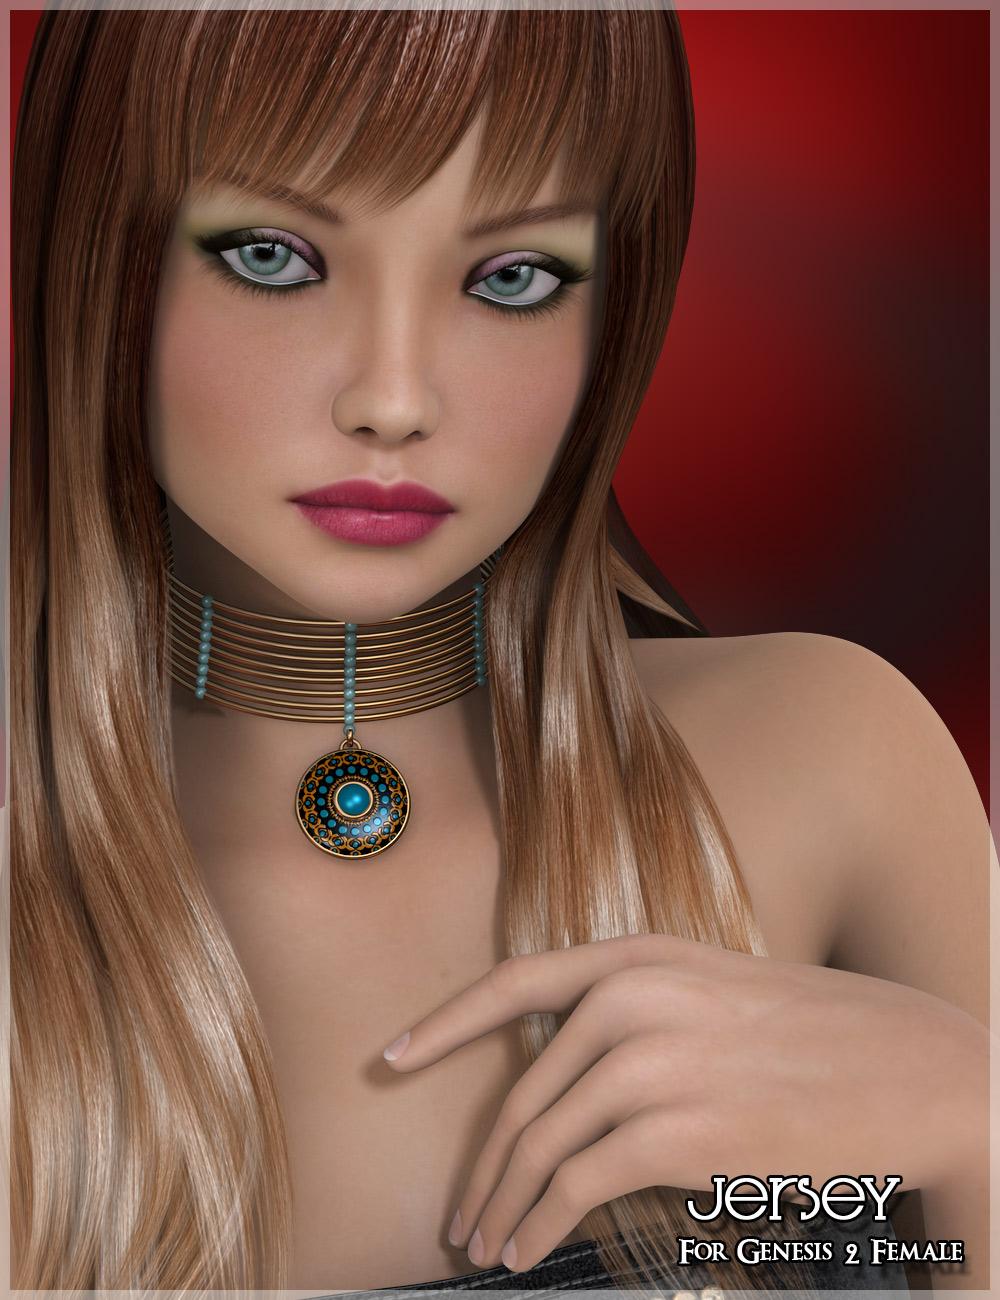 Jersey for Genesis 2 Female(s) by: Belladzines, 3D Models by Daz 3D